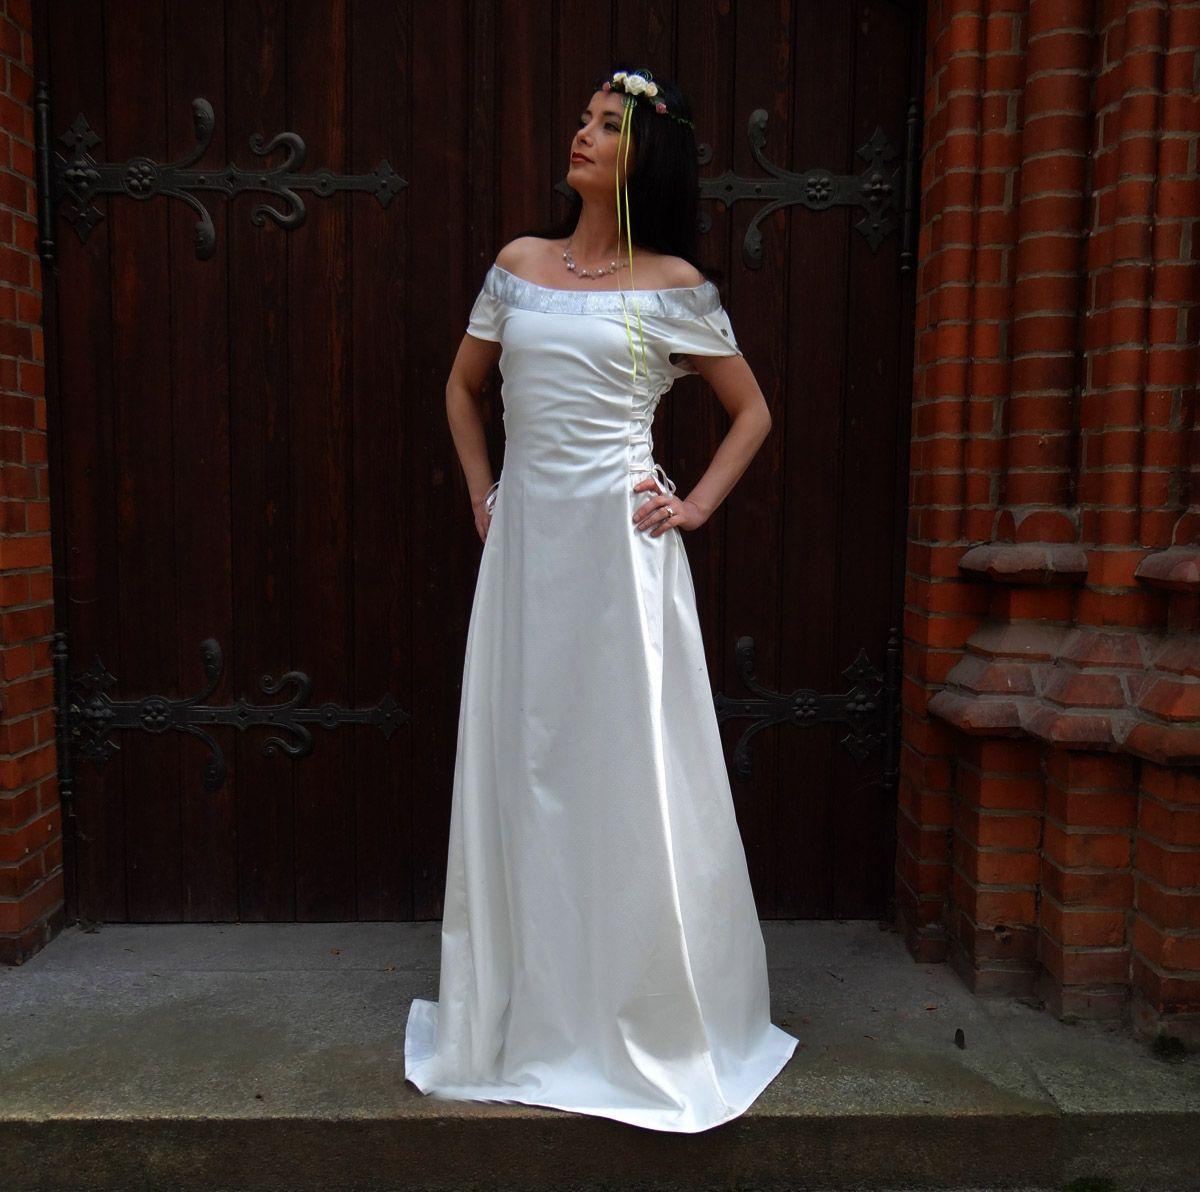 Elfenkleid Brautkleid Hochzeitskleid Elfen mit breiter Silberborte